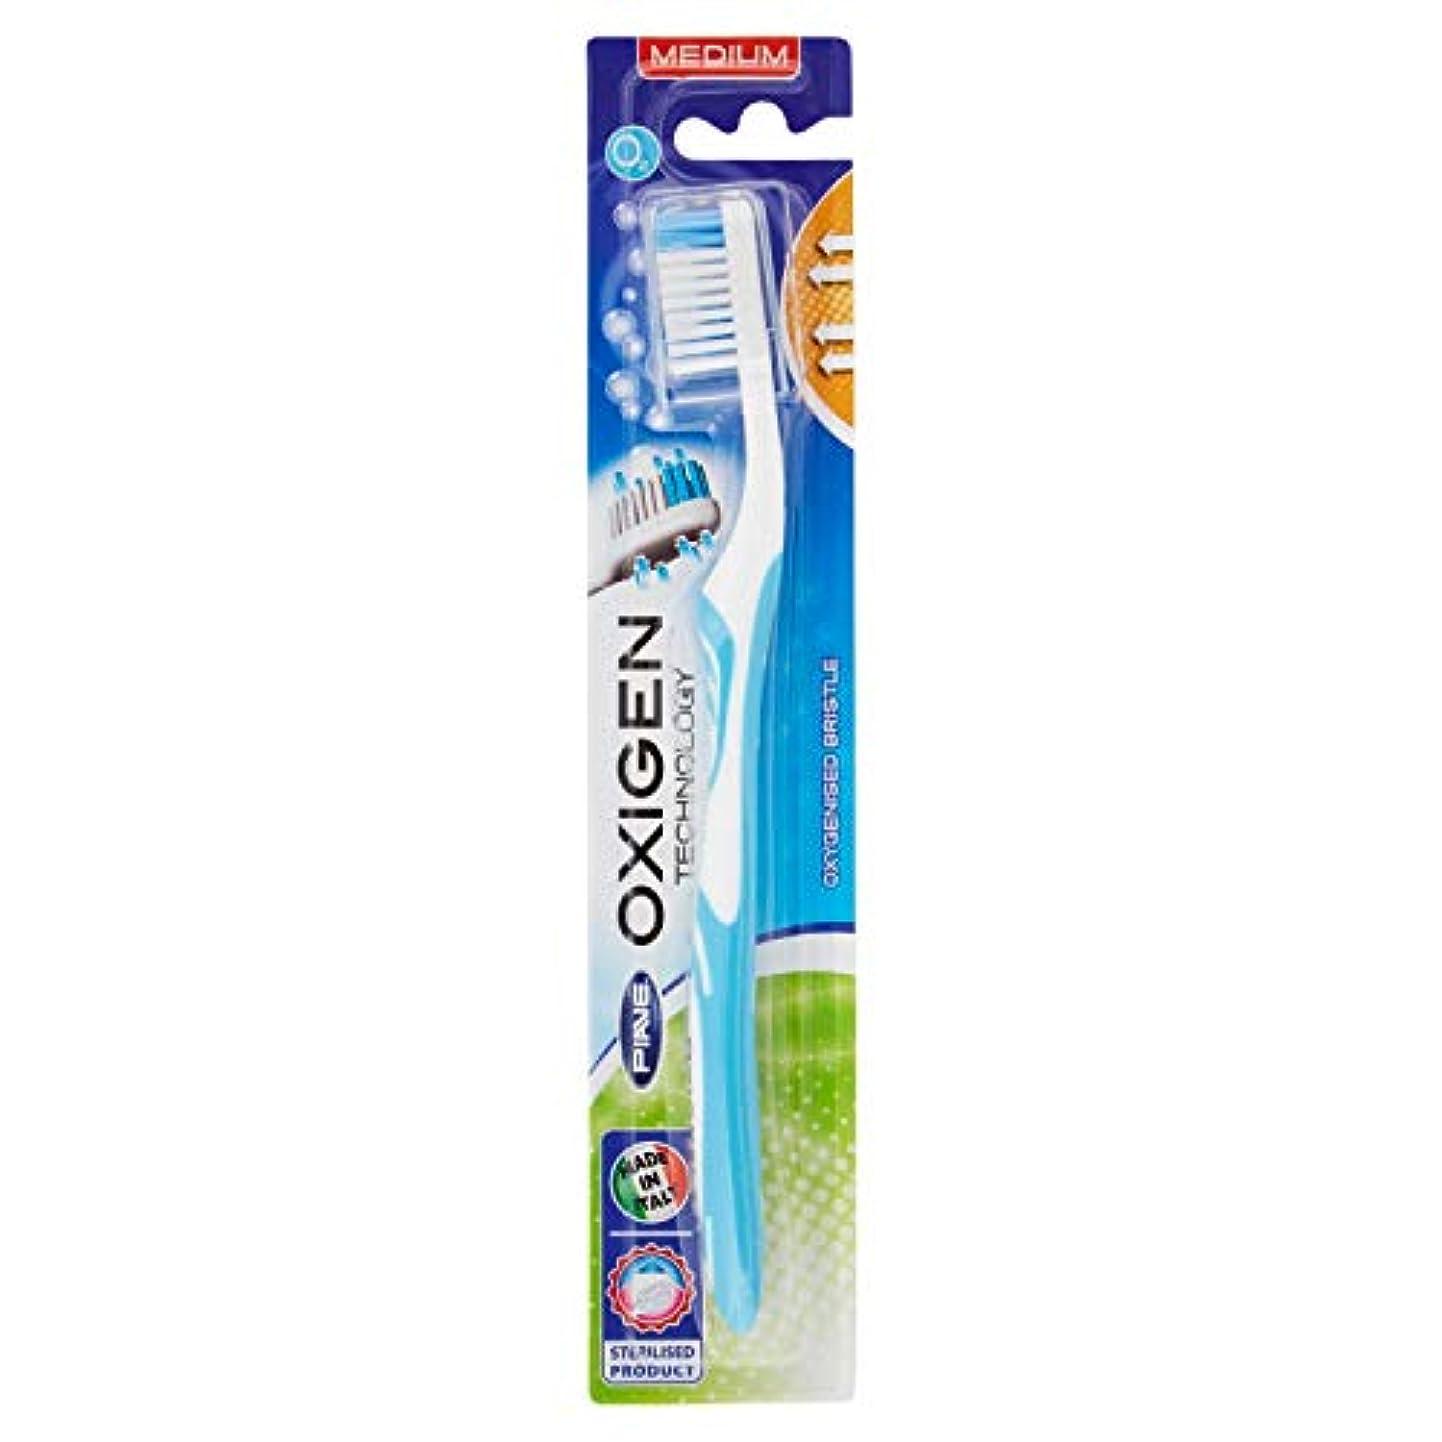 サーキットに行くチャートデッドオクシジェン歯ブラシ